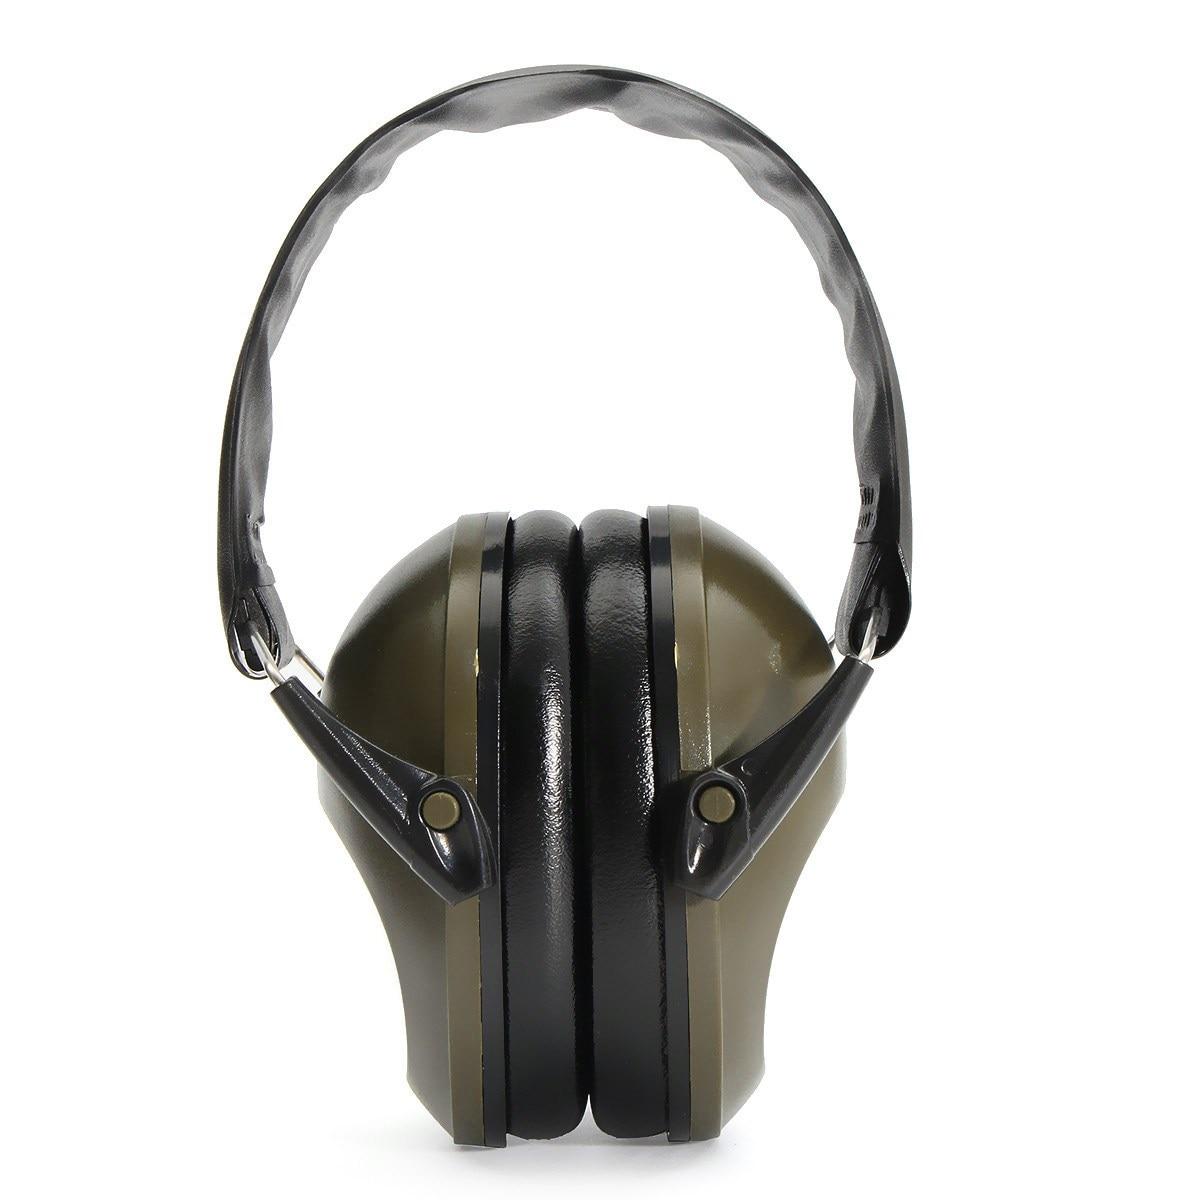 NOUVEAU Safurance Anti-bruit Oreille Muff Protection Auditive Insonorisées Tir Cache-oreilles Écouteurs Bruit Redution Sécurité En Milieu de travail